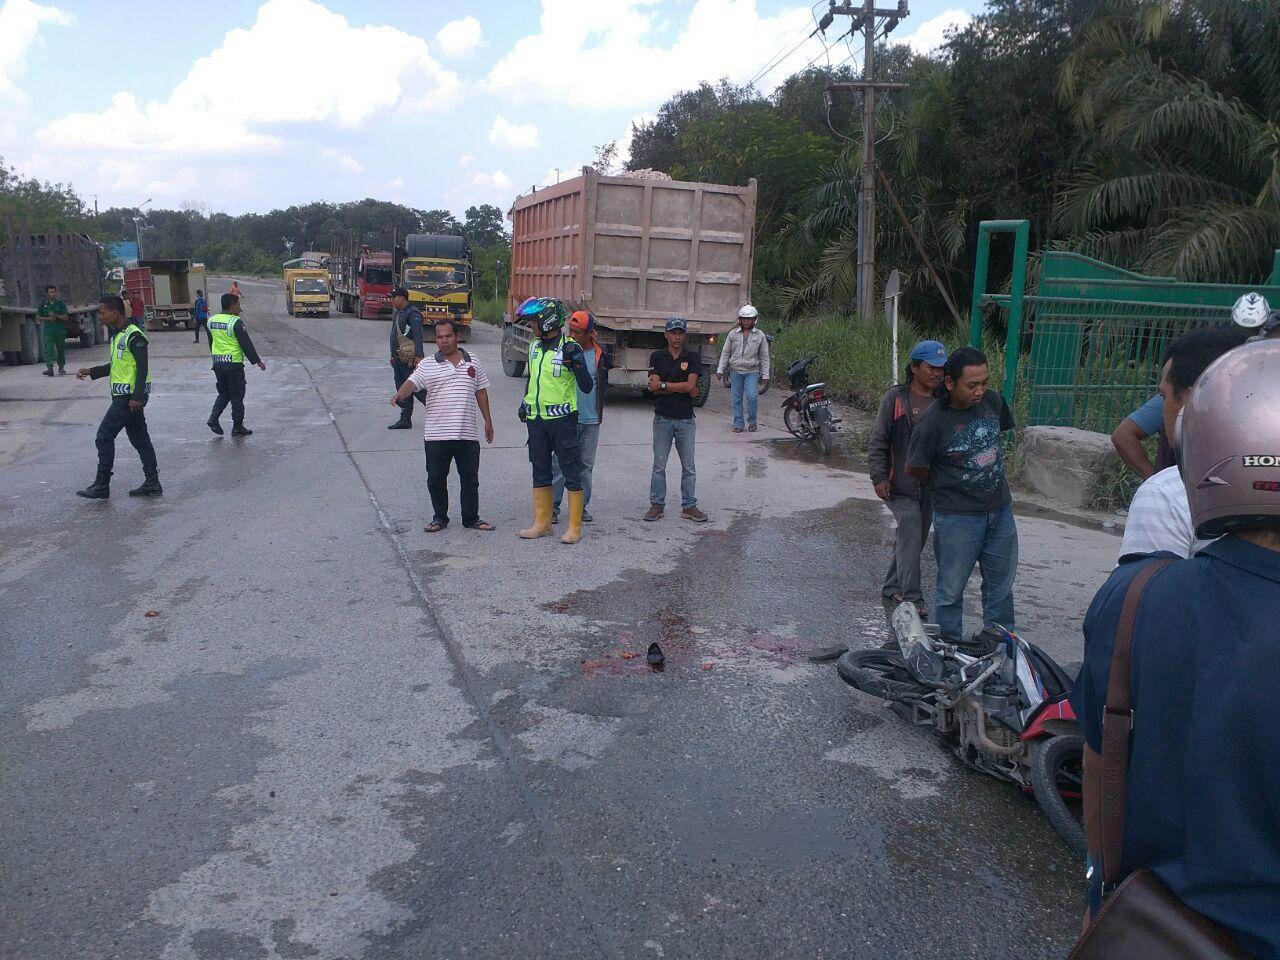 Dump Truck Gilas Wanita Pengendera Sepeda Motor, Kaki Patah dan Hancur